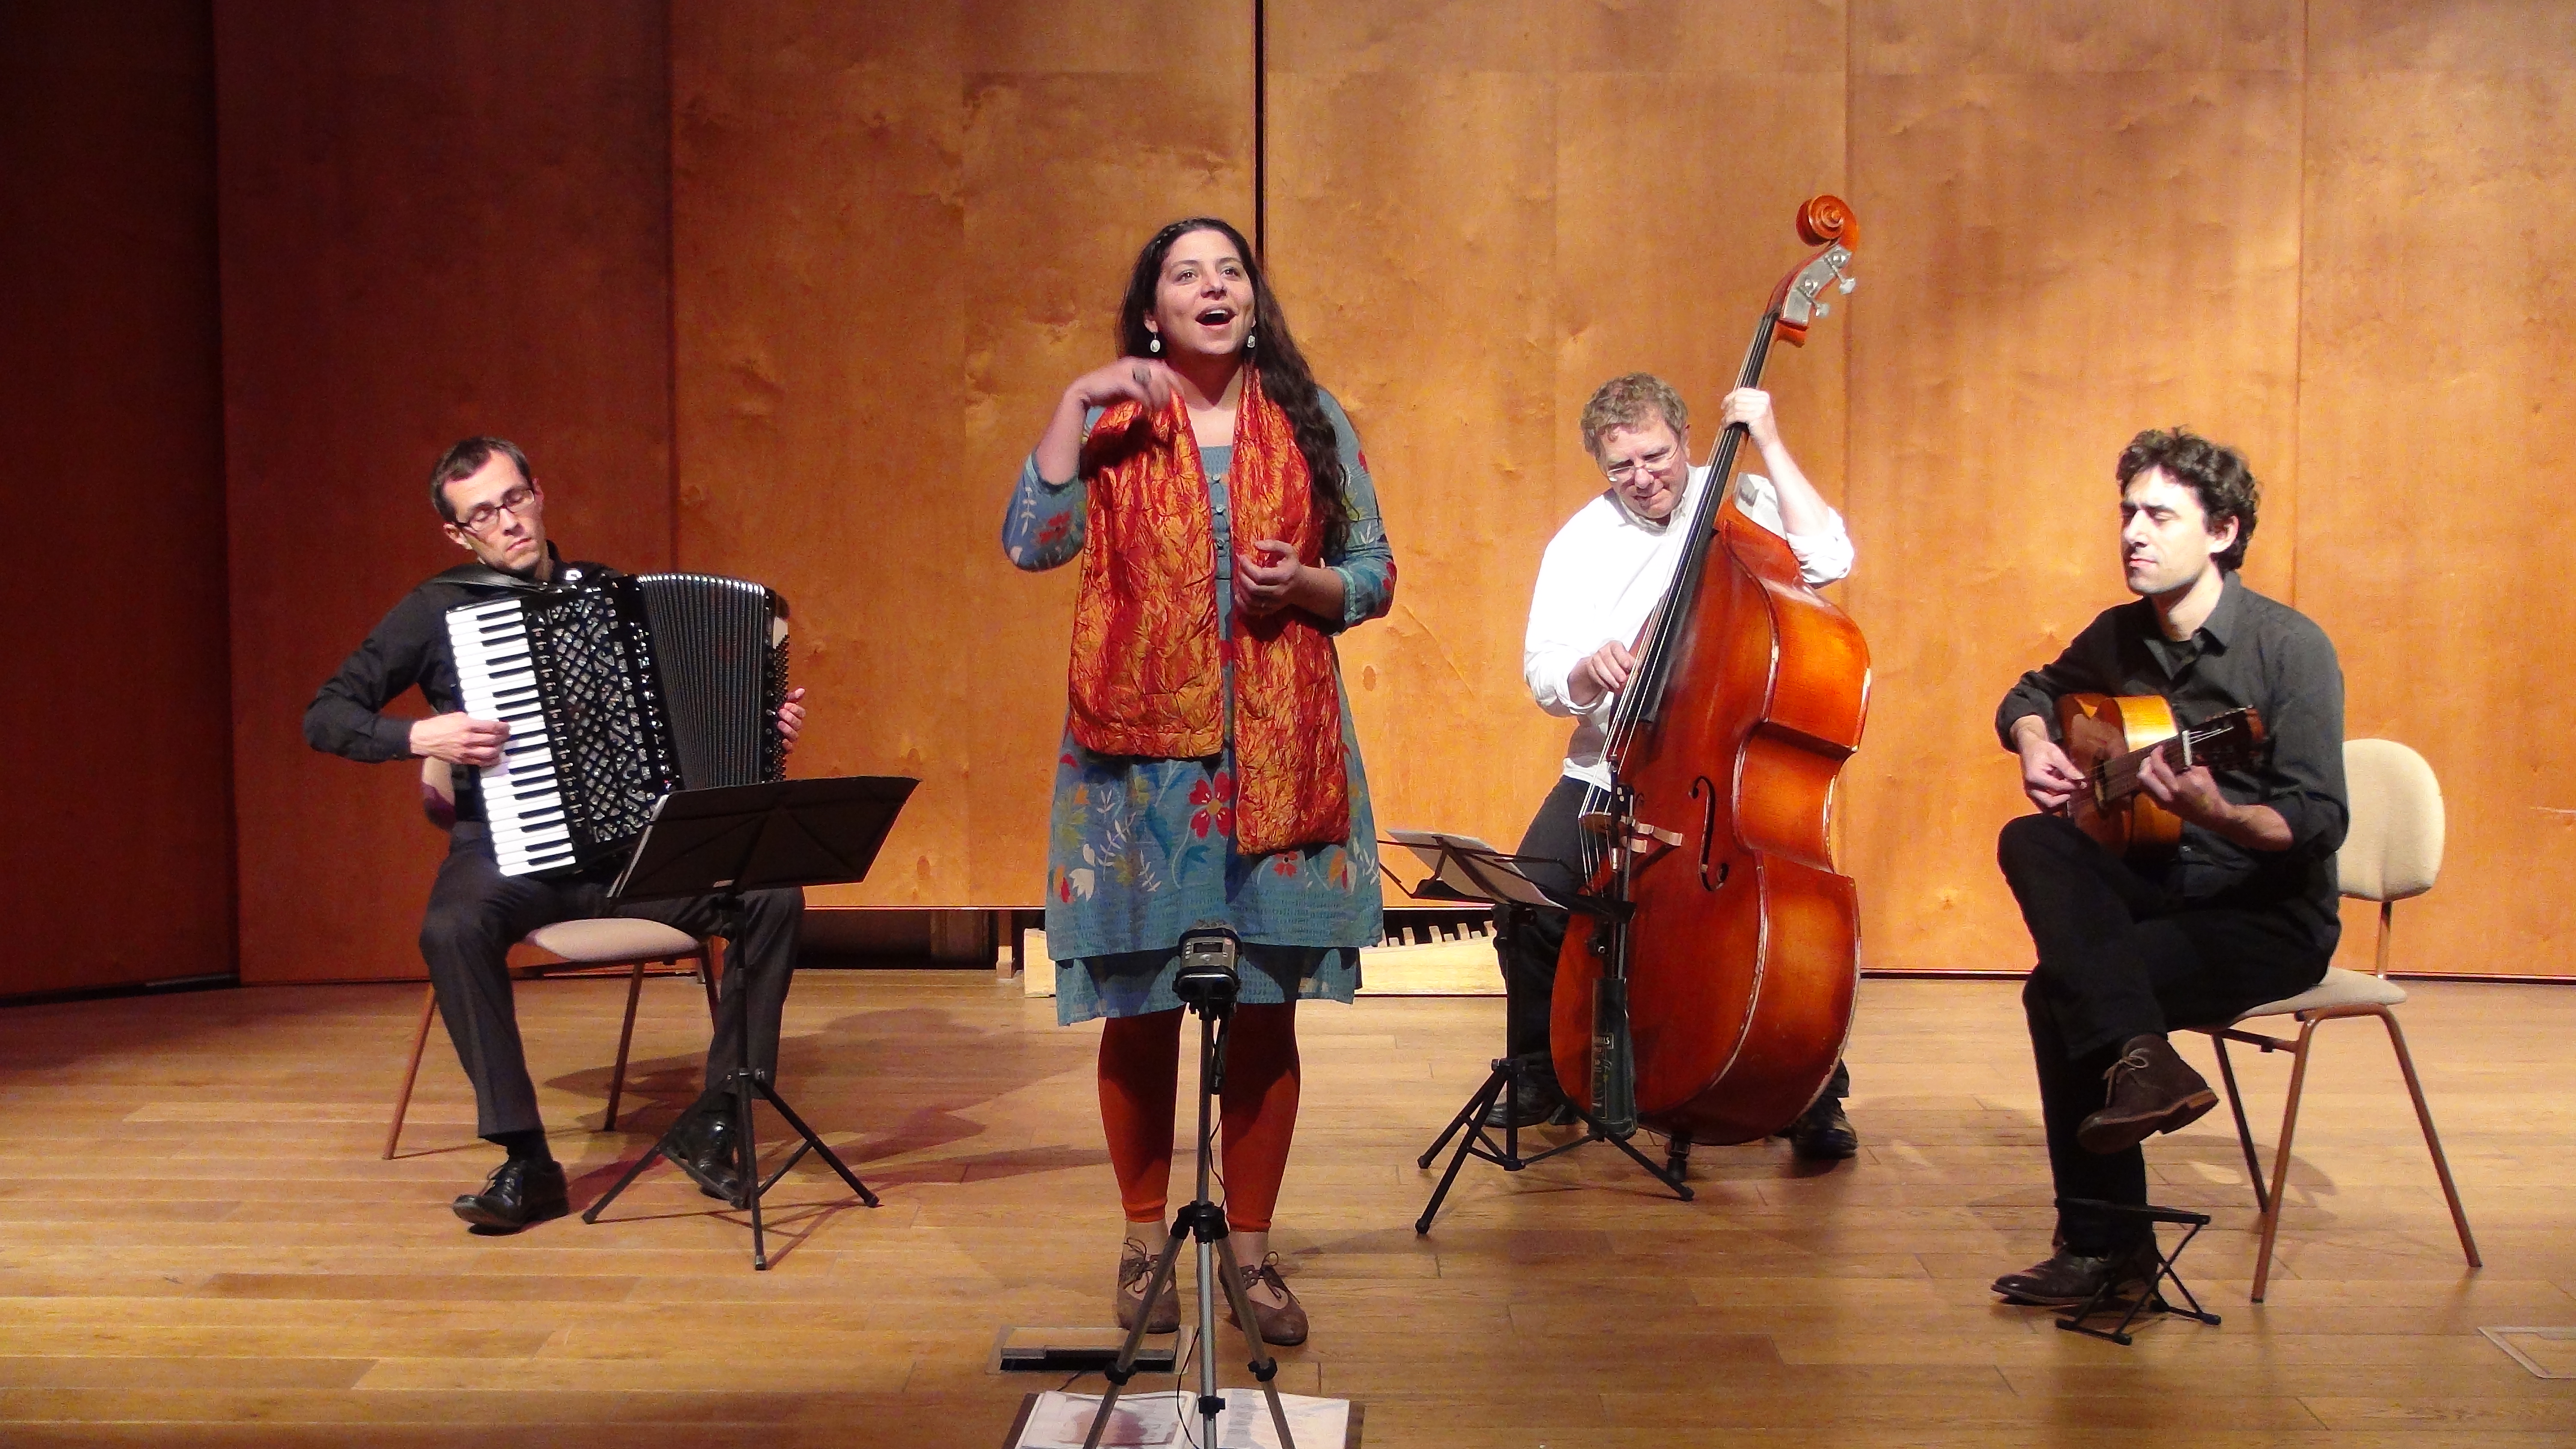 Zàgara Band